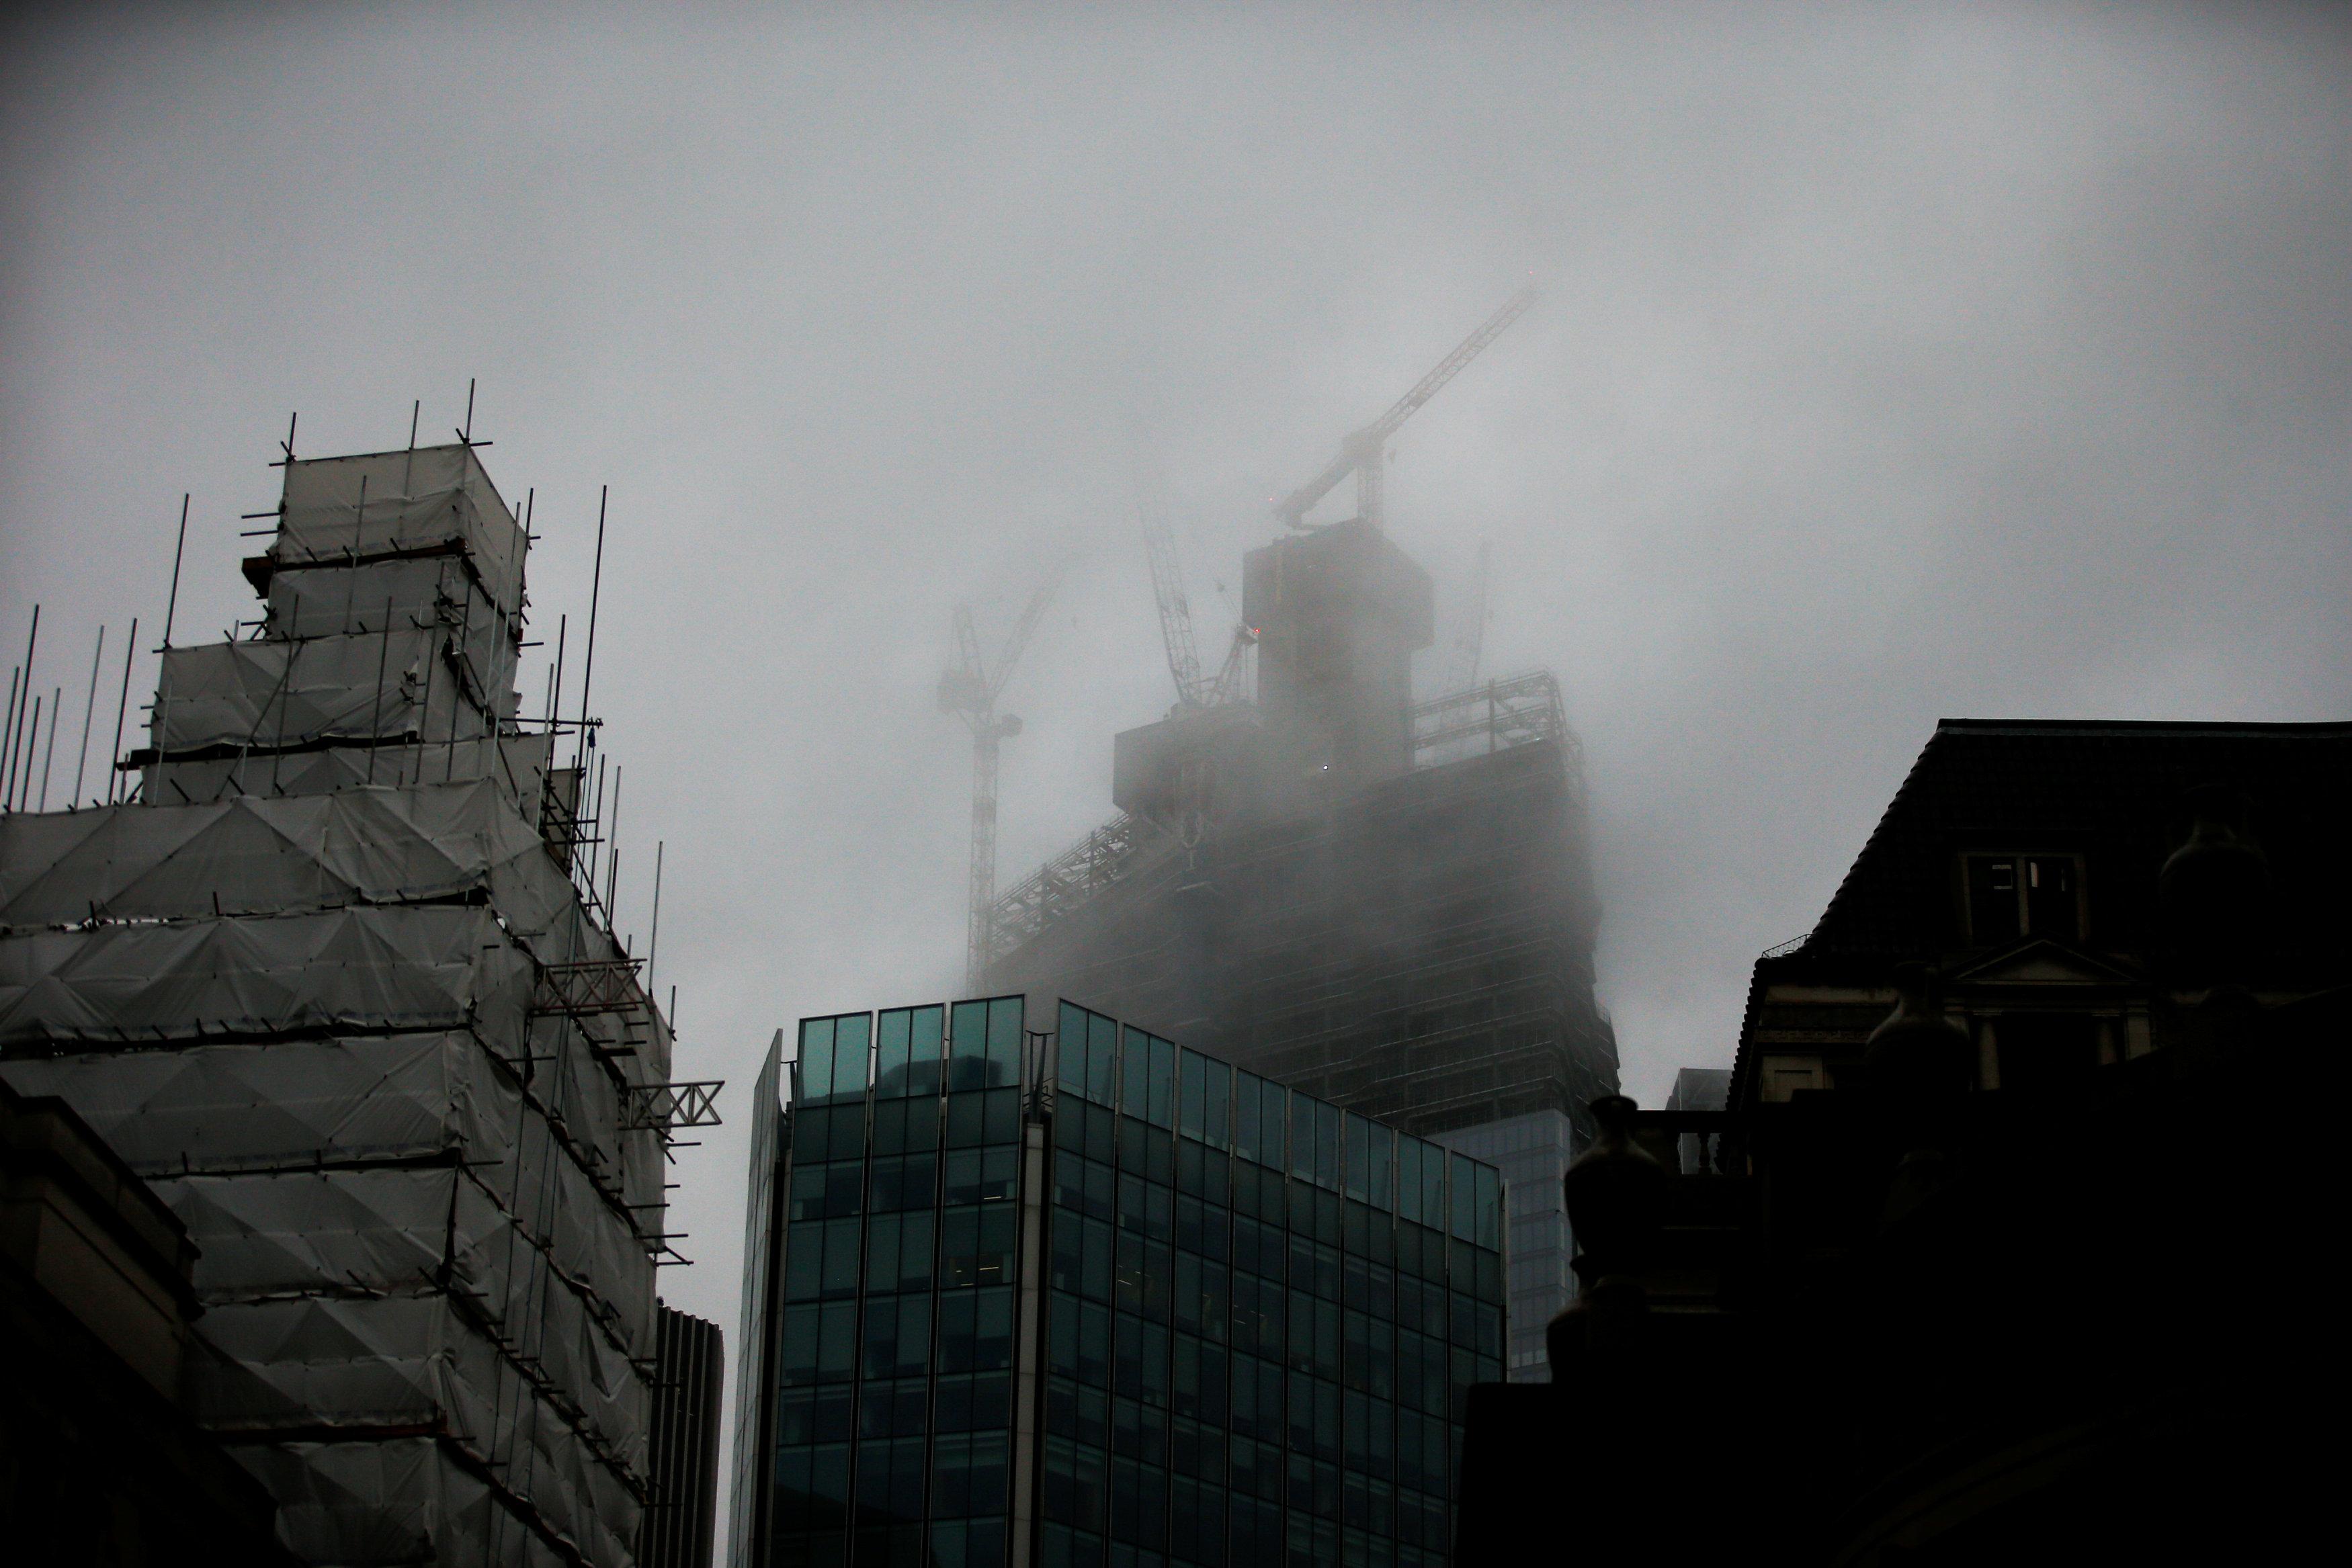 أعمال بناء جديدة فى العاصمة البريطانية